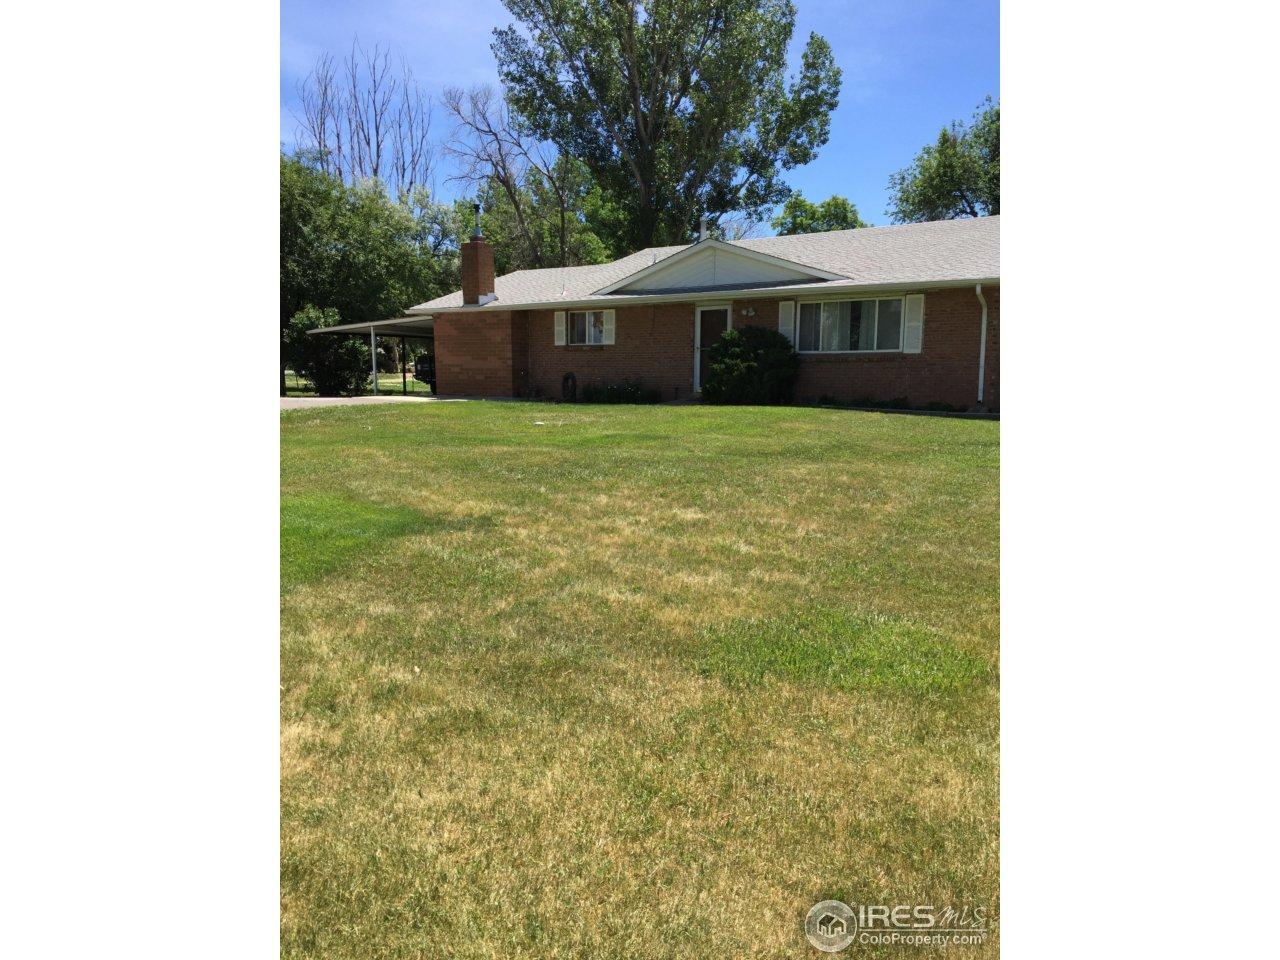 10912 Lynne Ave, Lafayette, CO 80026